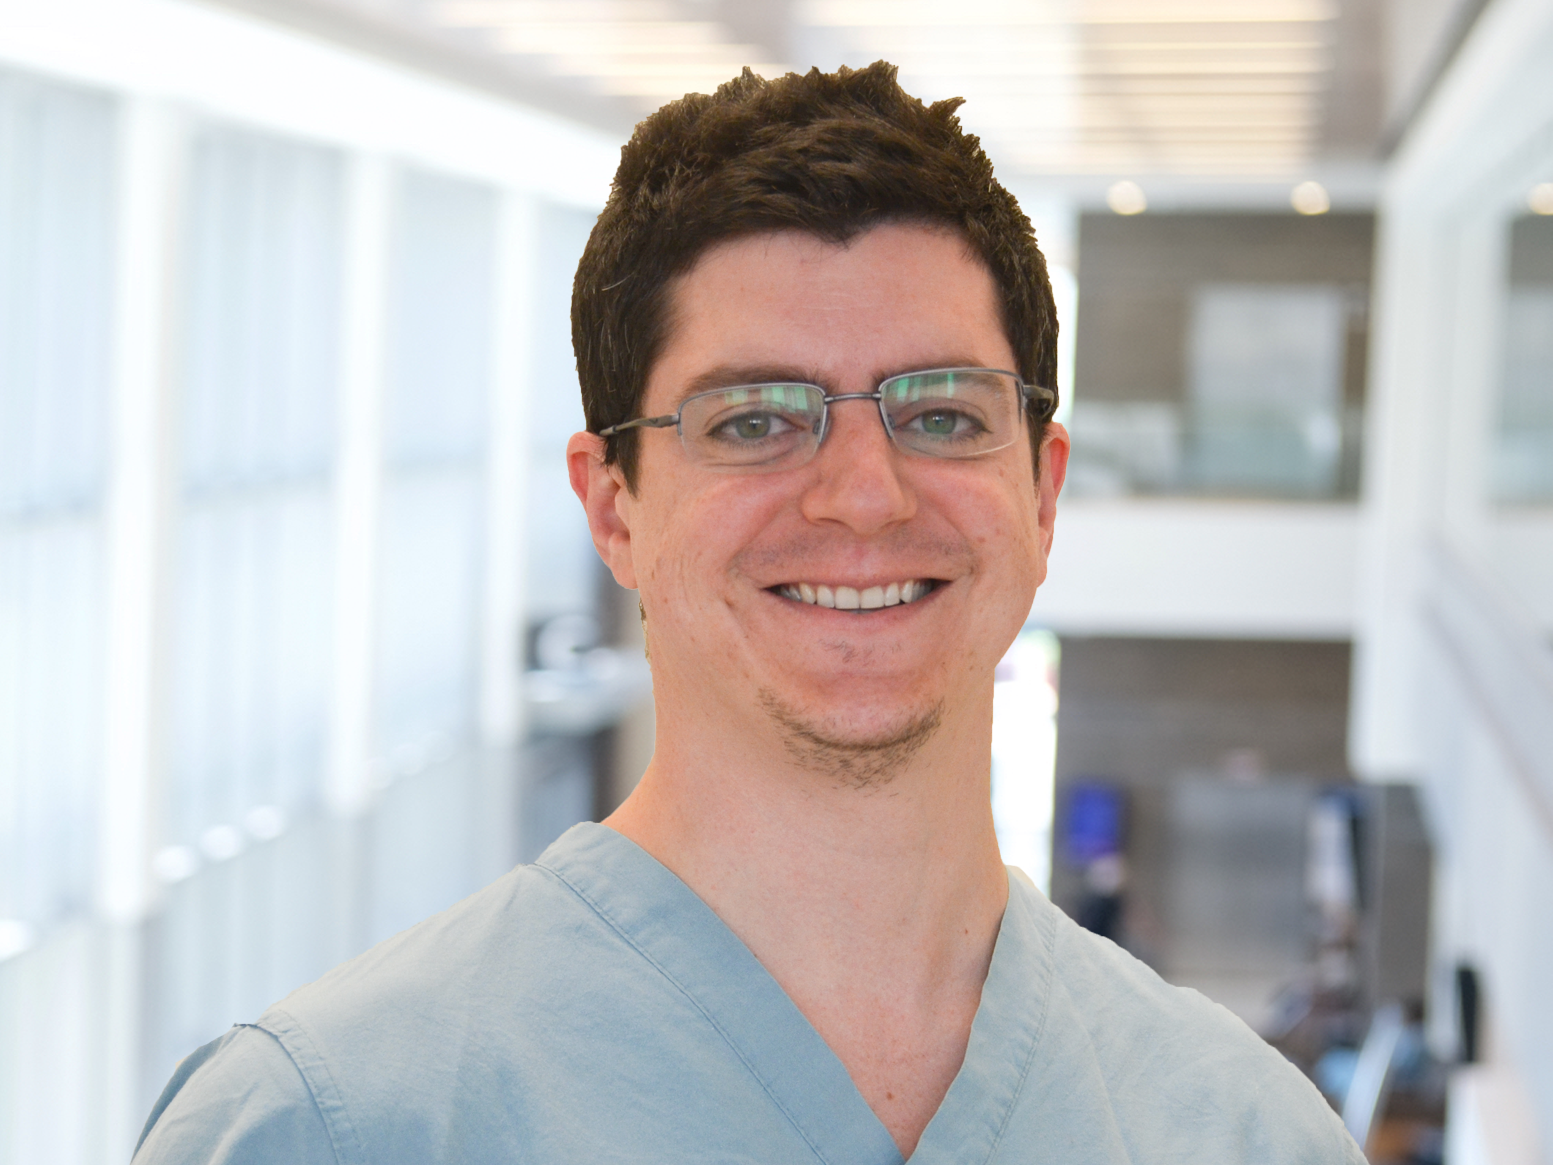 Dr. Ryan Perlman